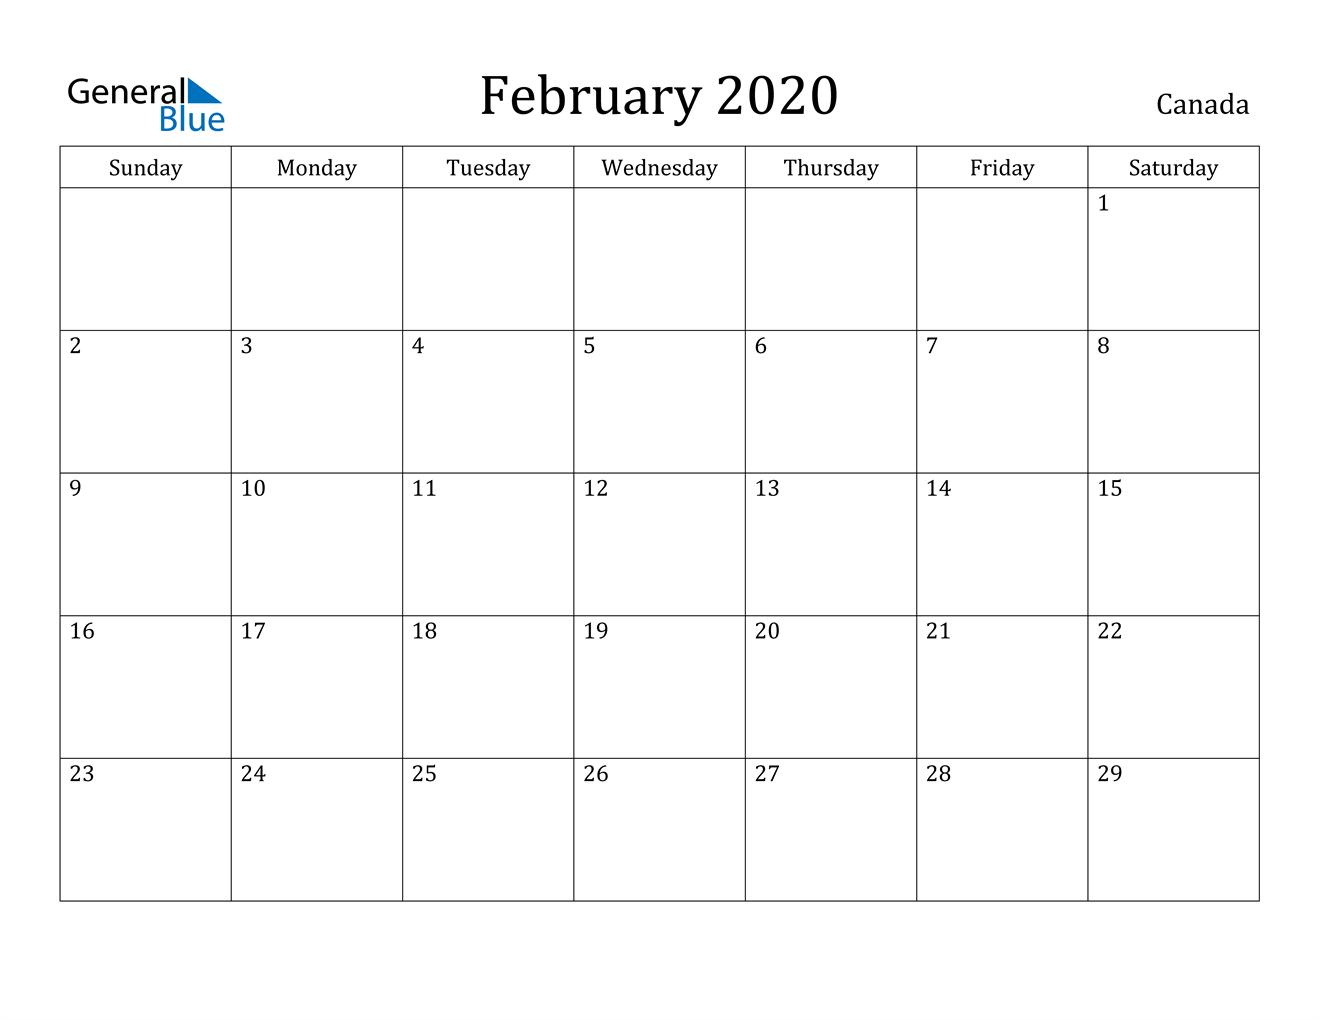 Image of February 2020 Canada Calendar with Holidays Calendar